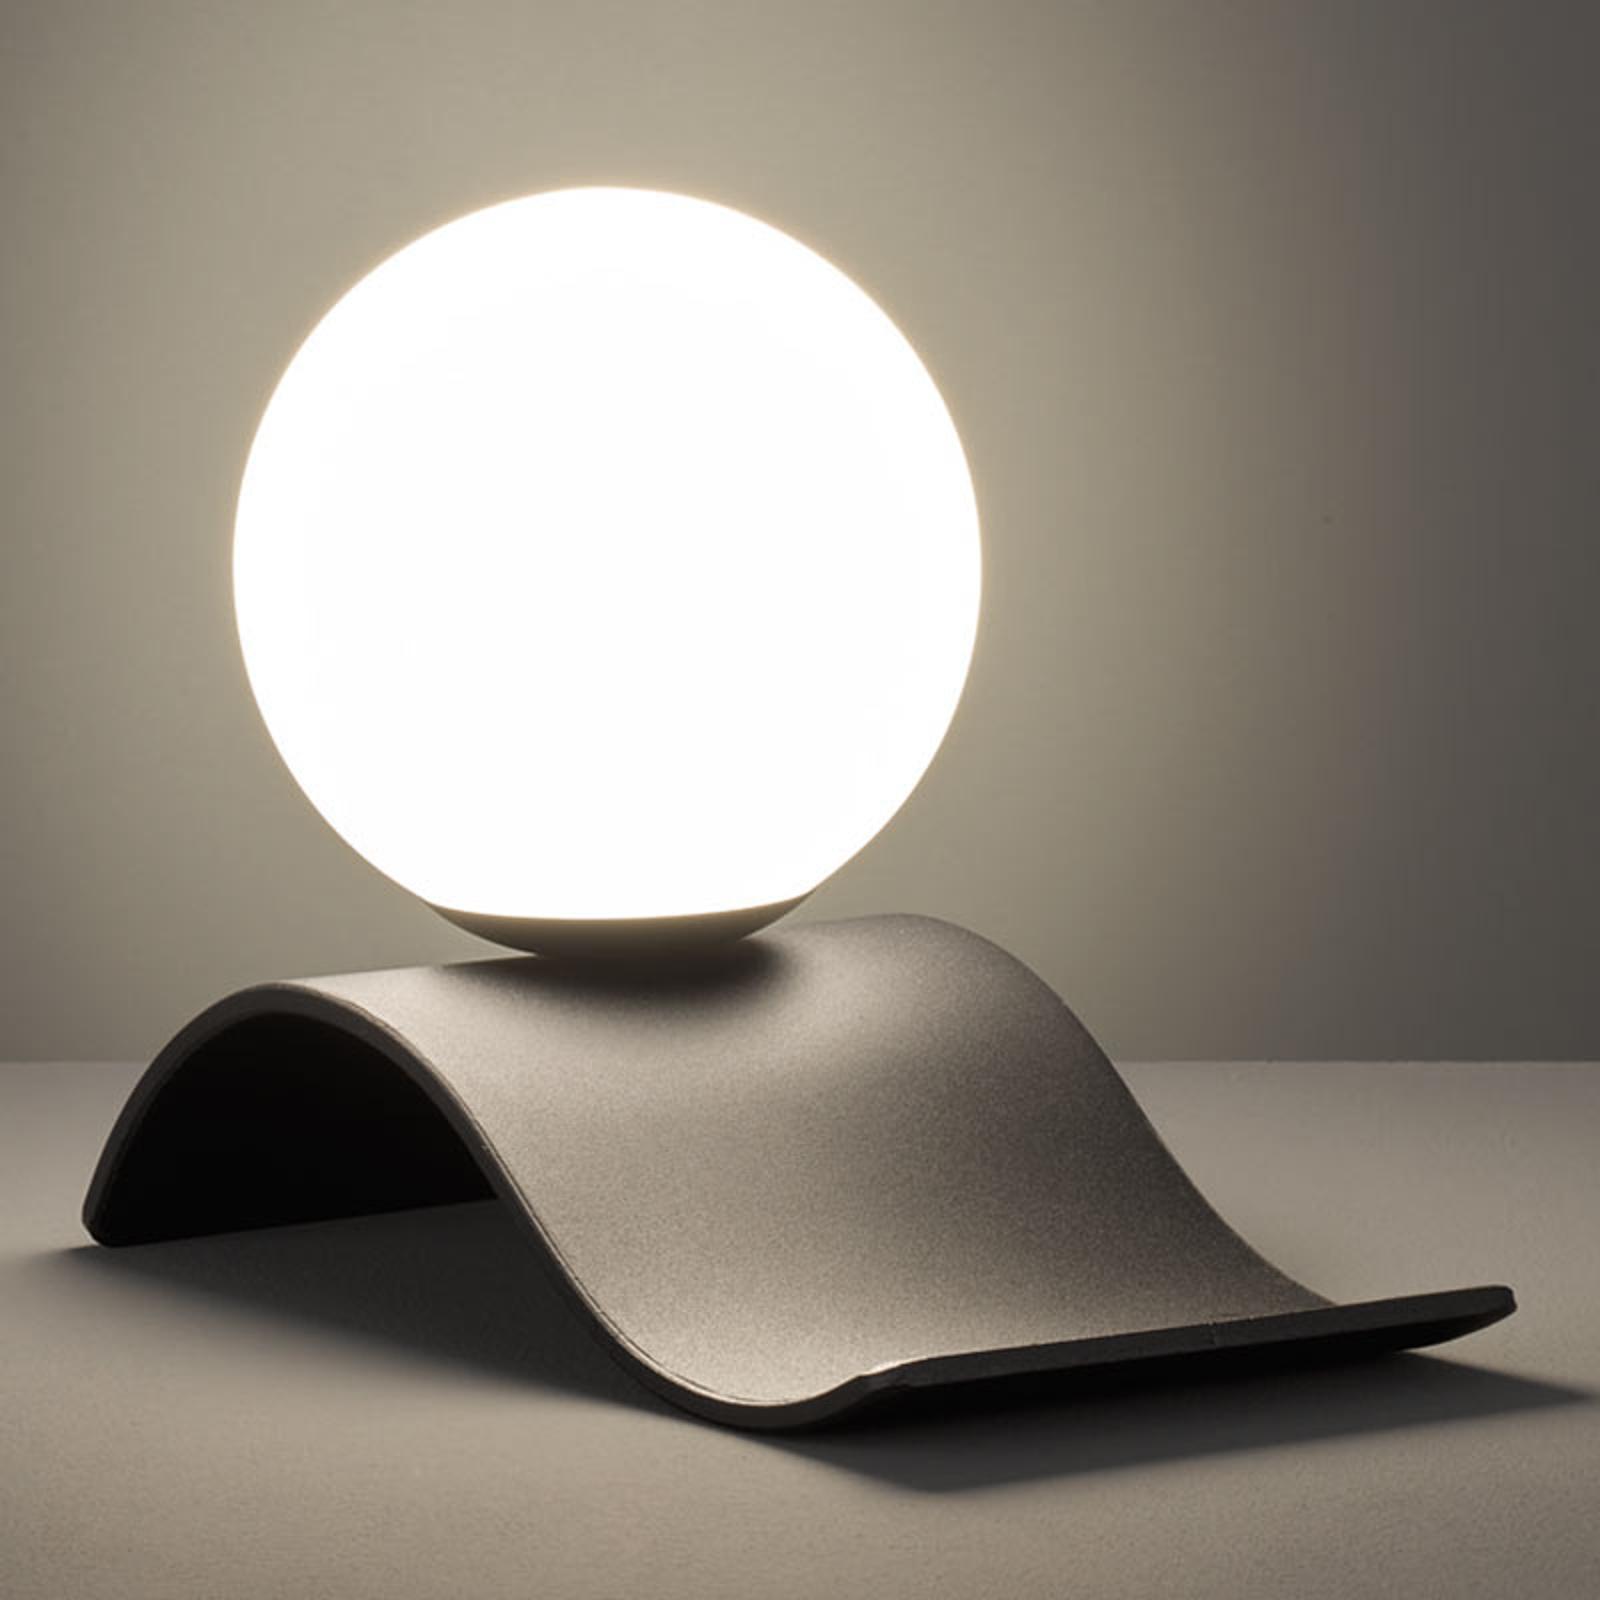 Skleněná stolní lampa Lara, matná černá